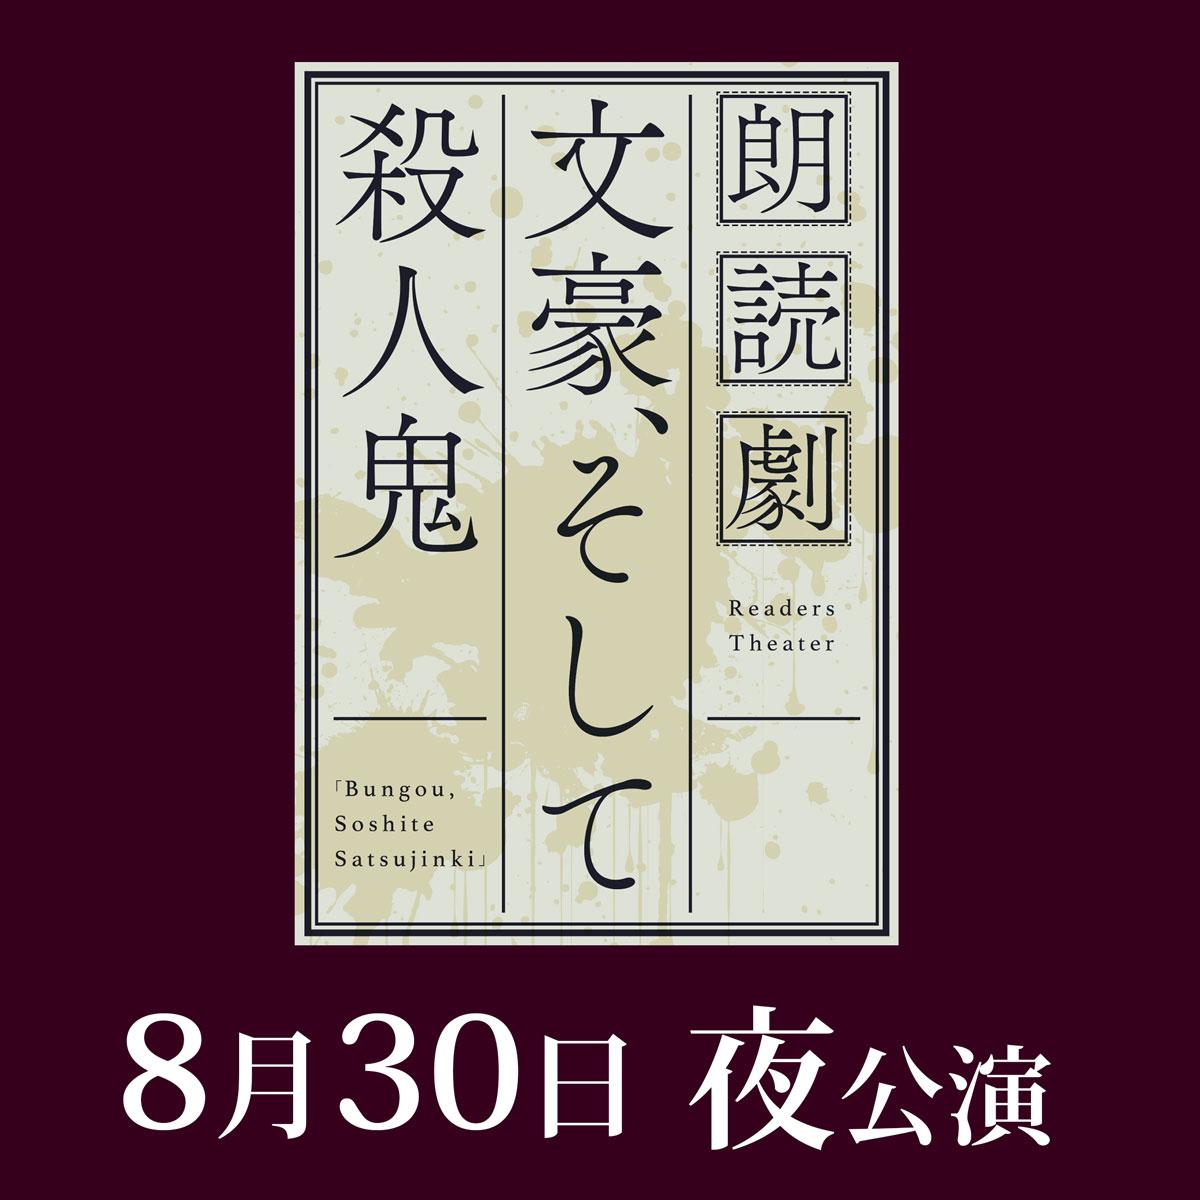 オリジナル朗読劇 『文豪、そして殺人鬼』 8月30日 夜公演